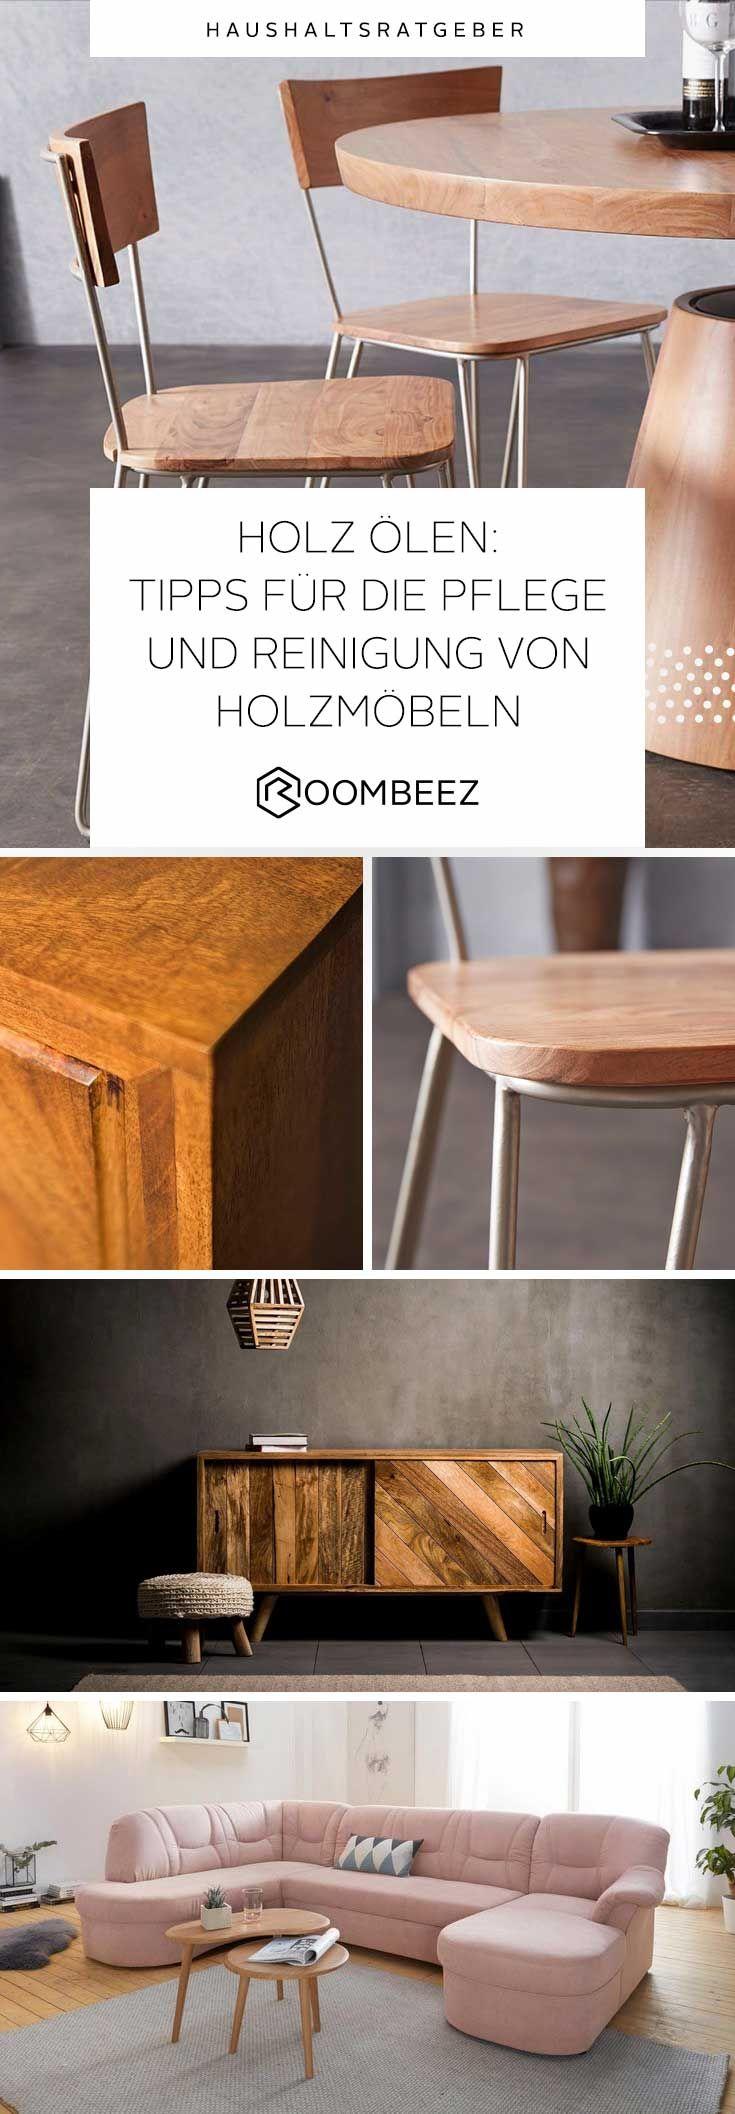 Richtige Pflege von Holzmöbeln: Lassen Sie uns zeigen, wie es funktioniert